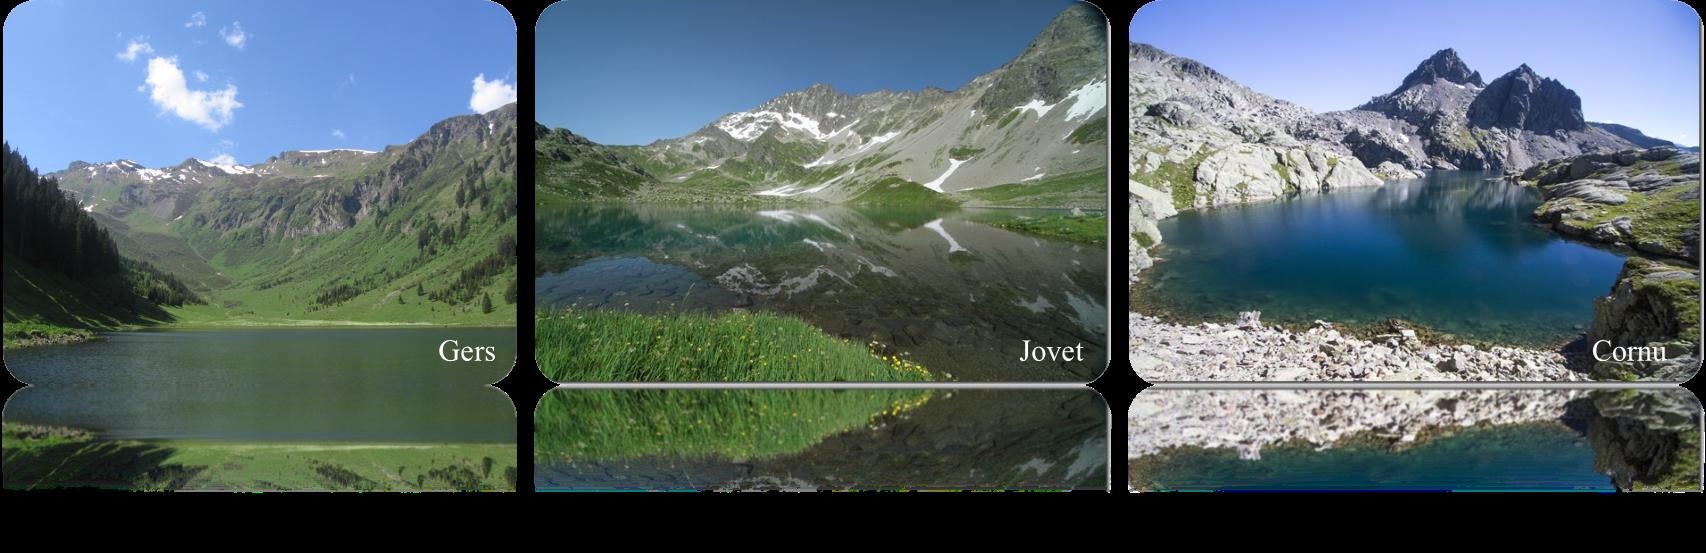 Ouv lacs montagne_7 juin